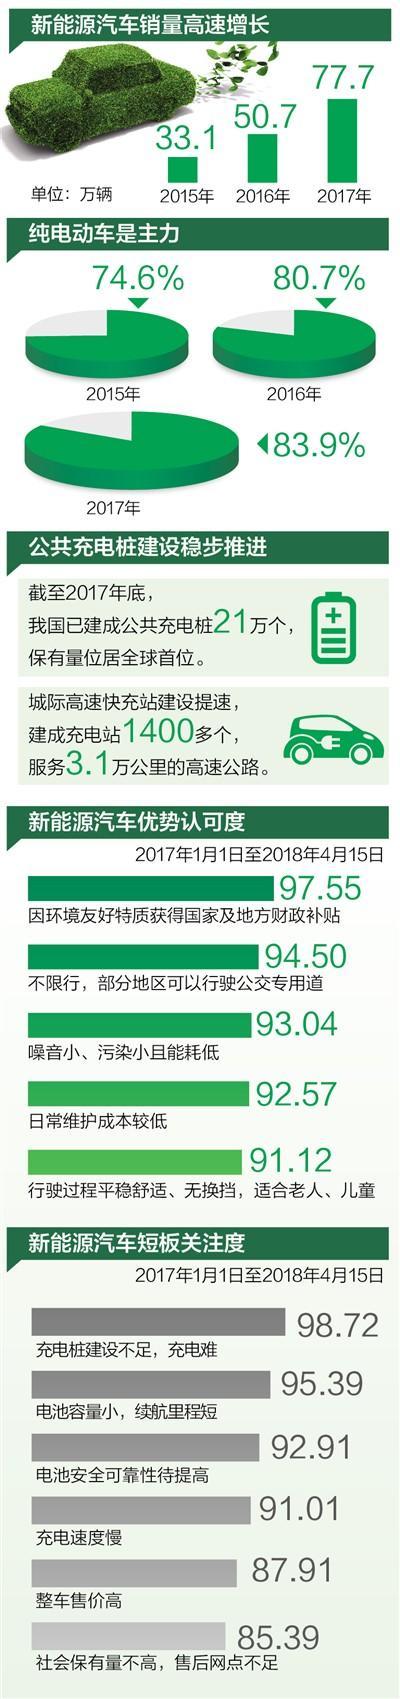 数据来源:国家信息中心大数据发展部、工信部、科技部、中国汽车工业协会 统筹:臧春蕾 制图:张芳曼